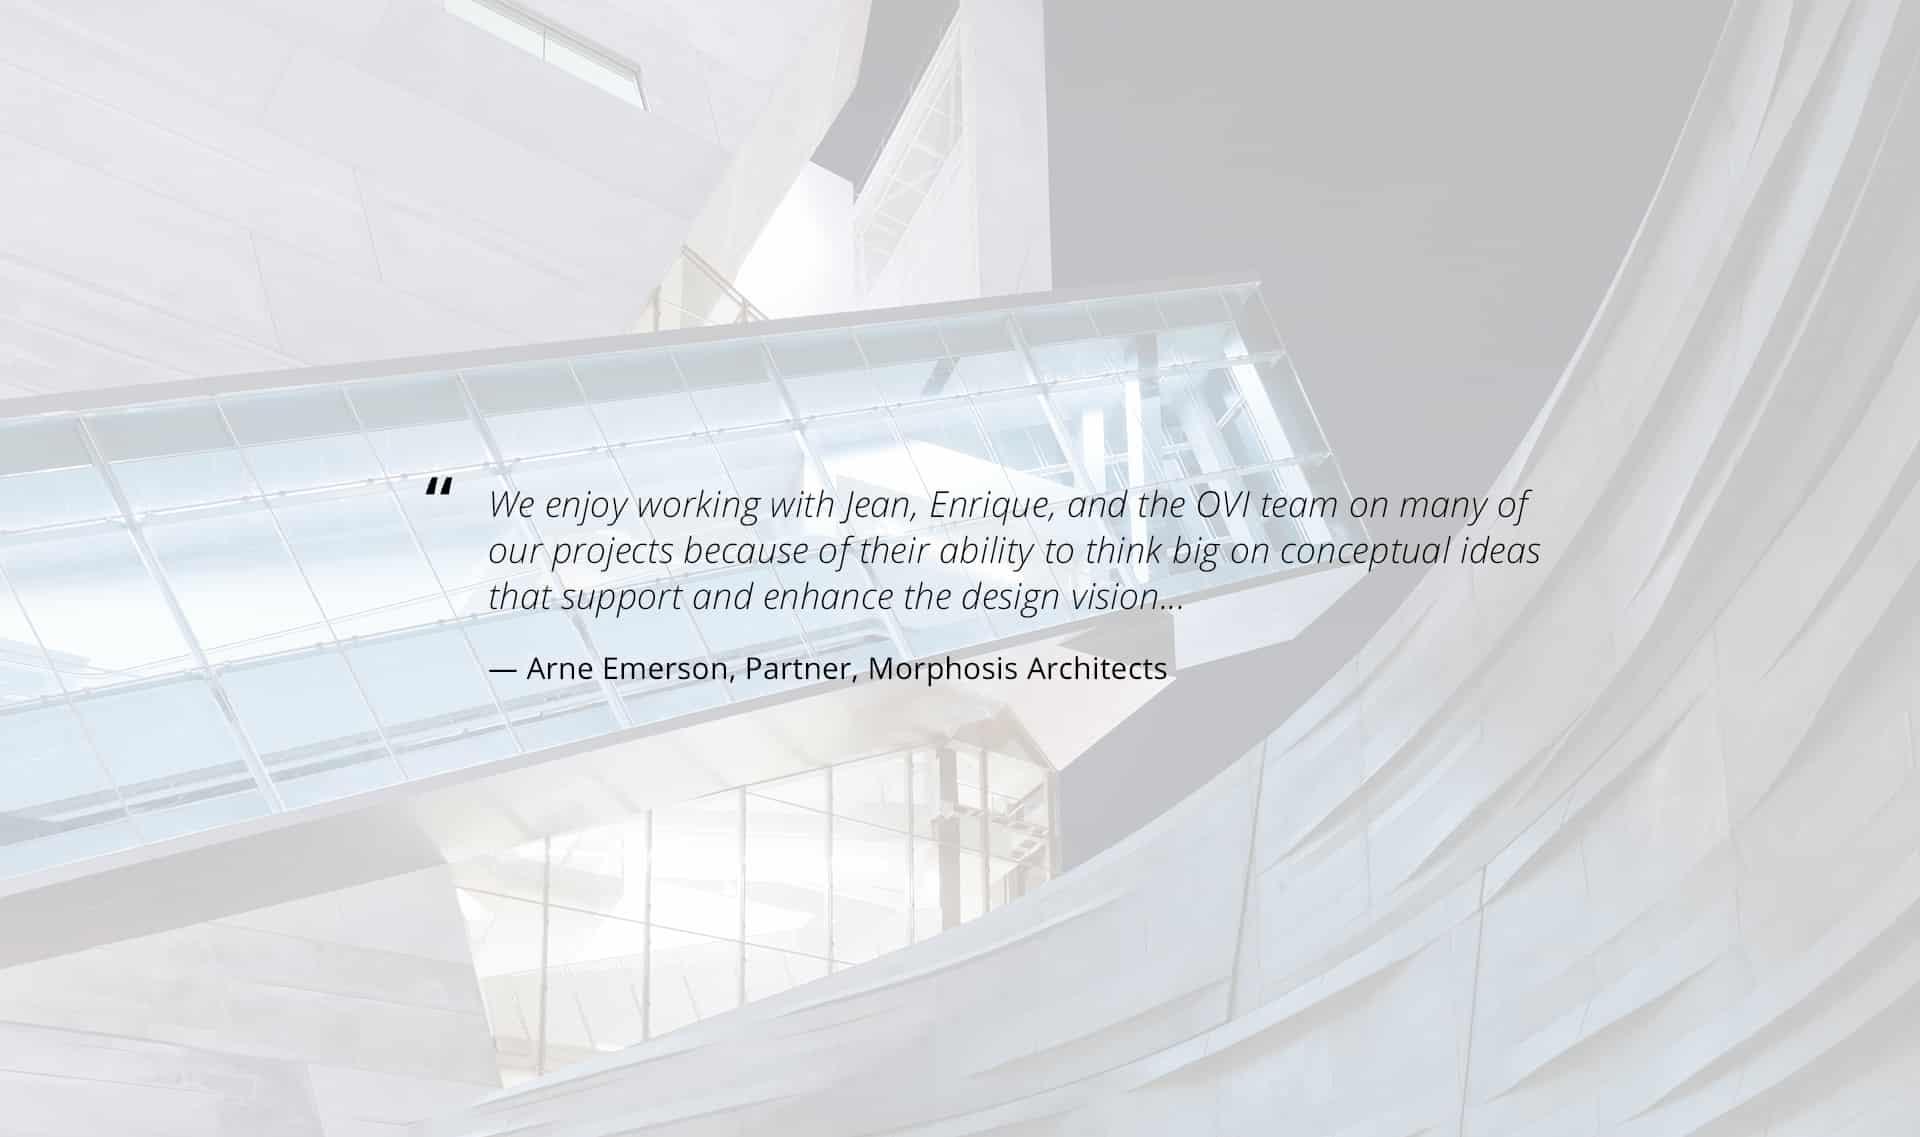 Arne Emerson, Partner, Morphosis ArchitectsTestimonial